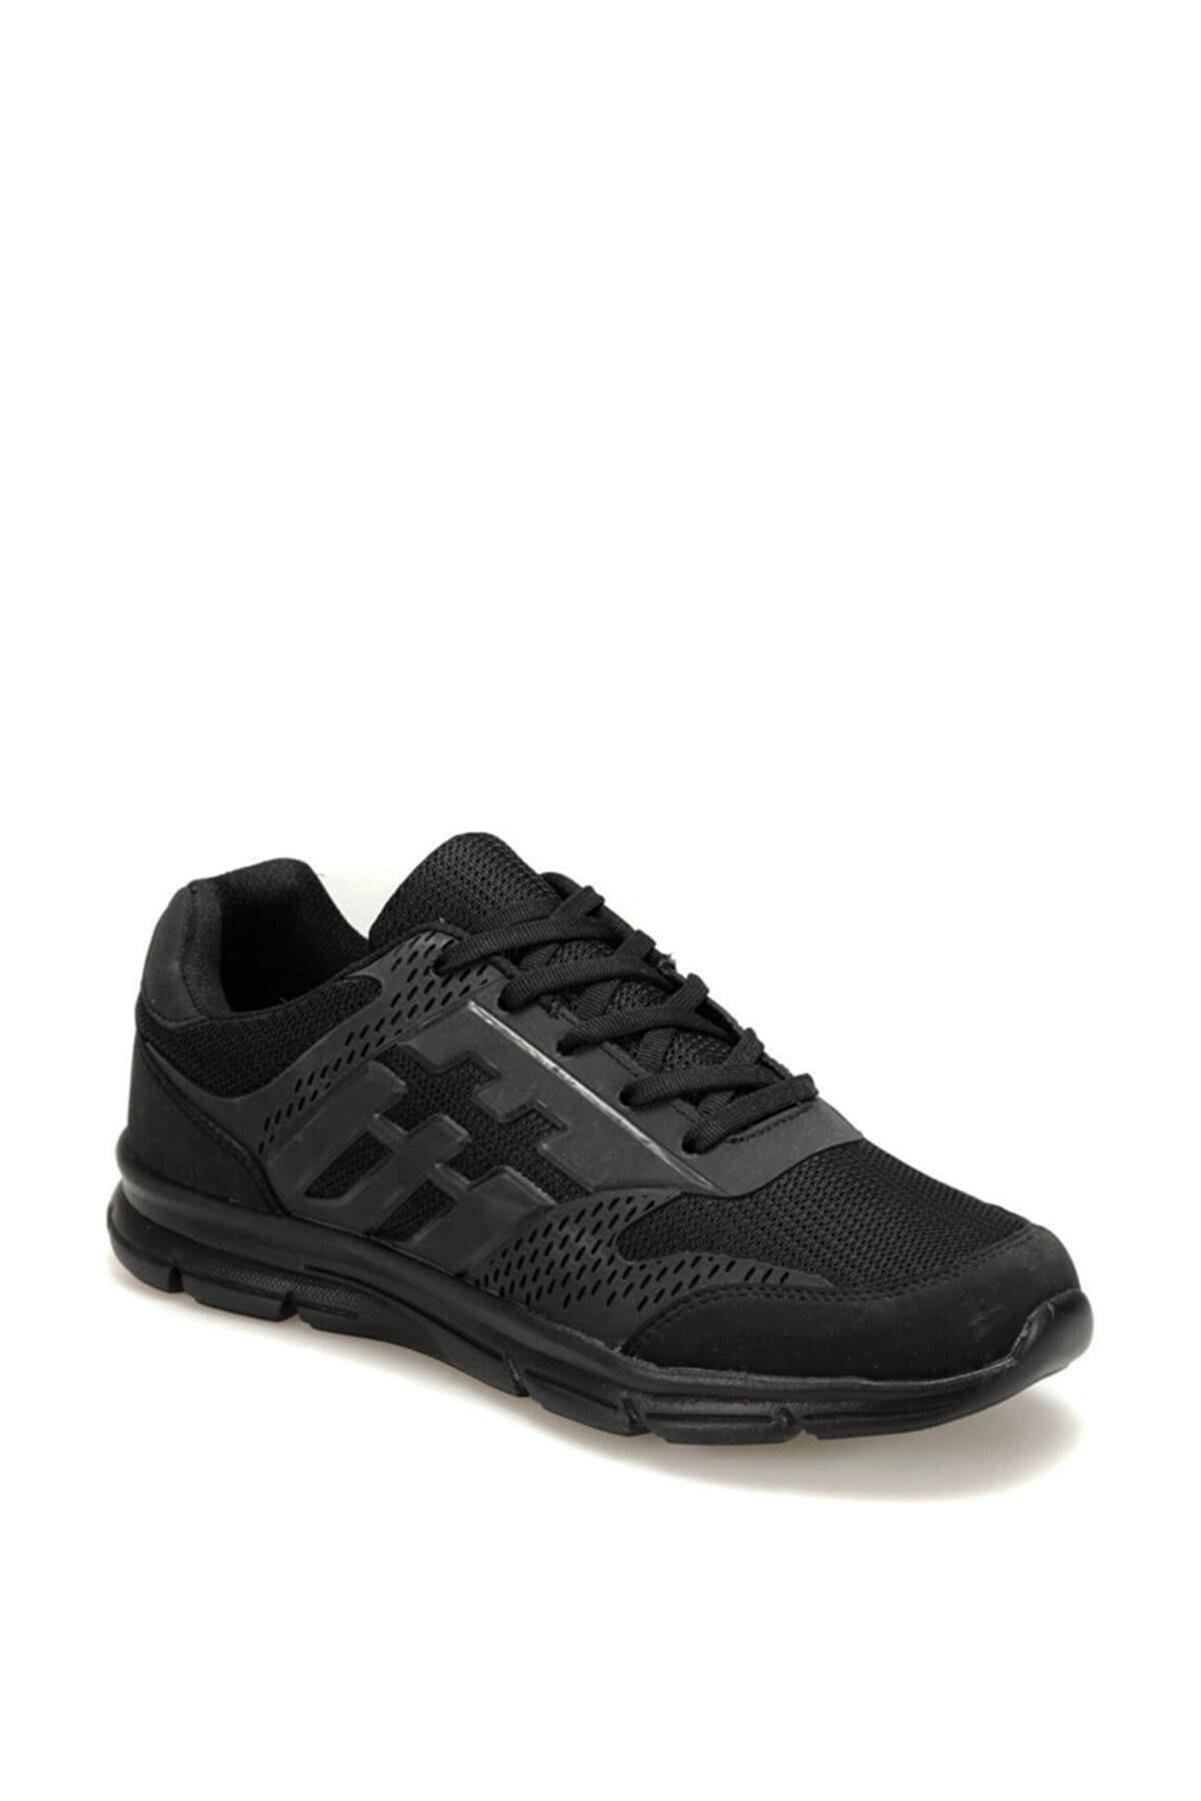 Polaris 91.356071.M Siyah Erkek Spor Ayakkabı 100384090